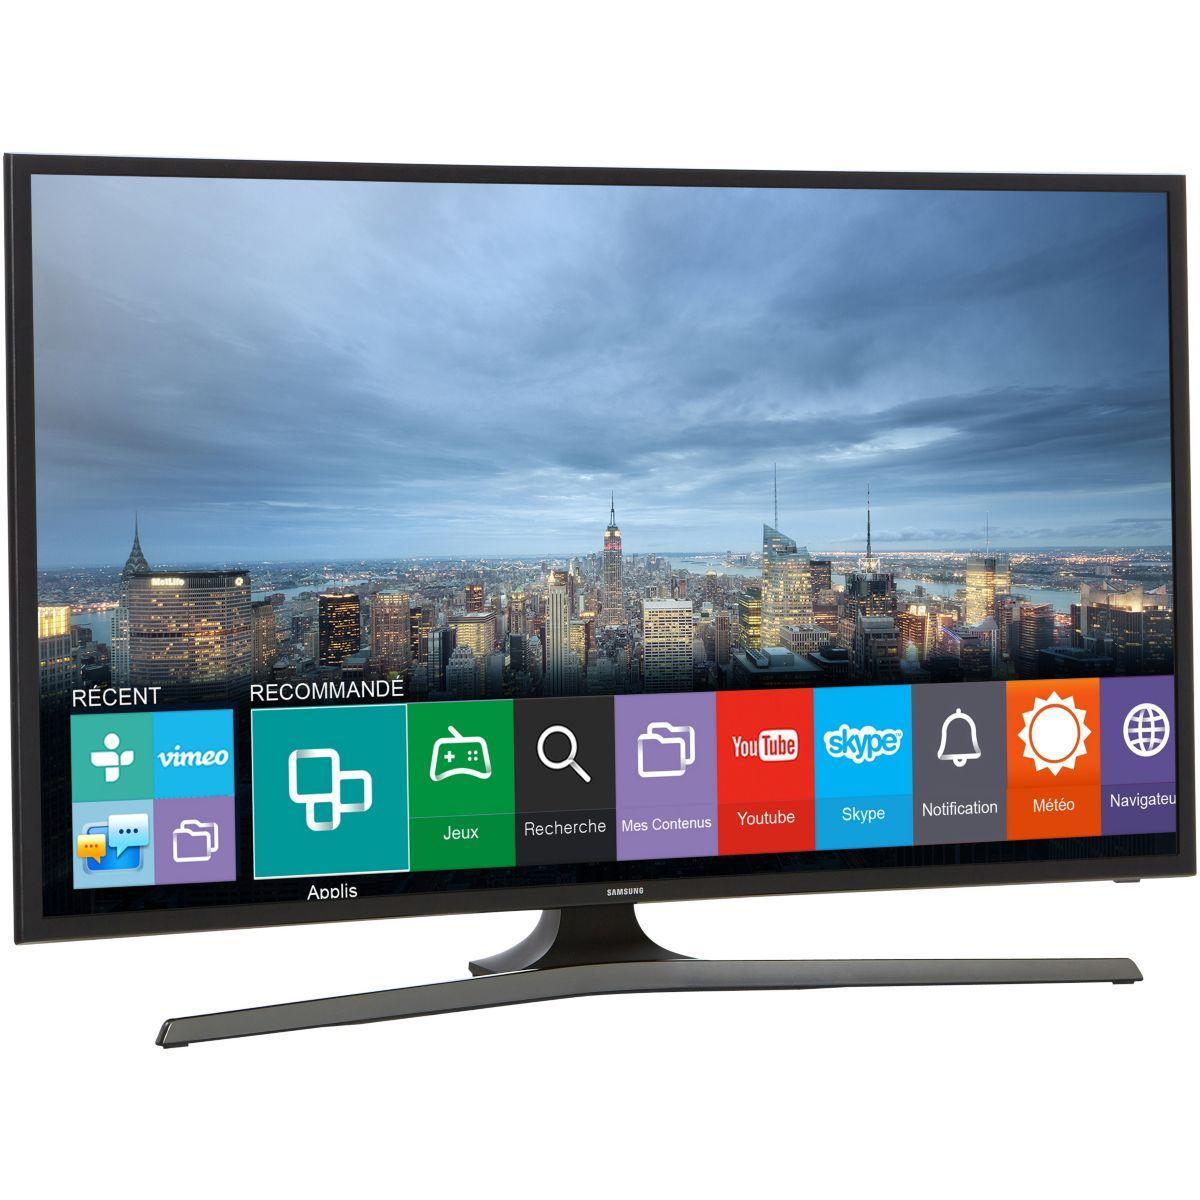 TV SAMSUNG UE40JU6670 1300HZ 4K SMART TV